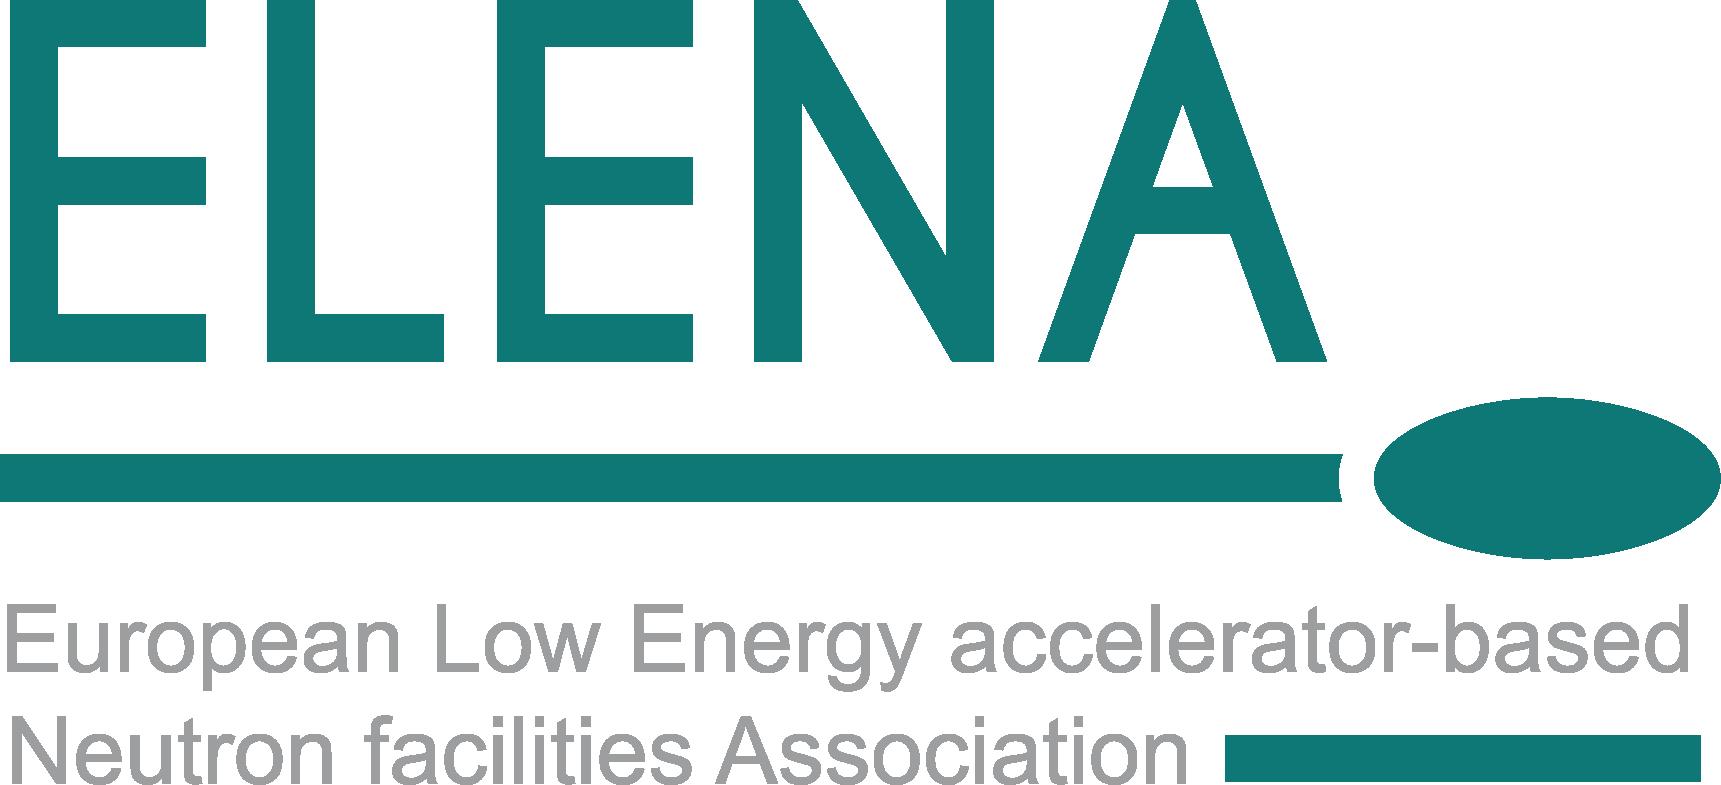 elena-neutron